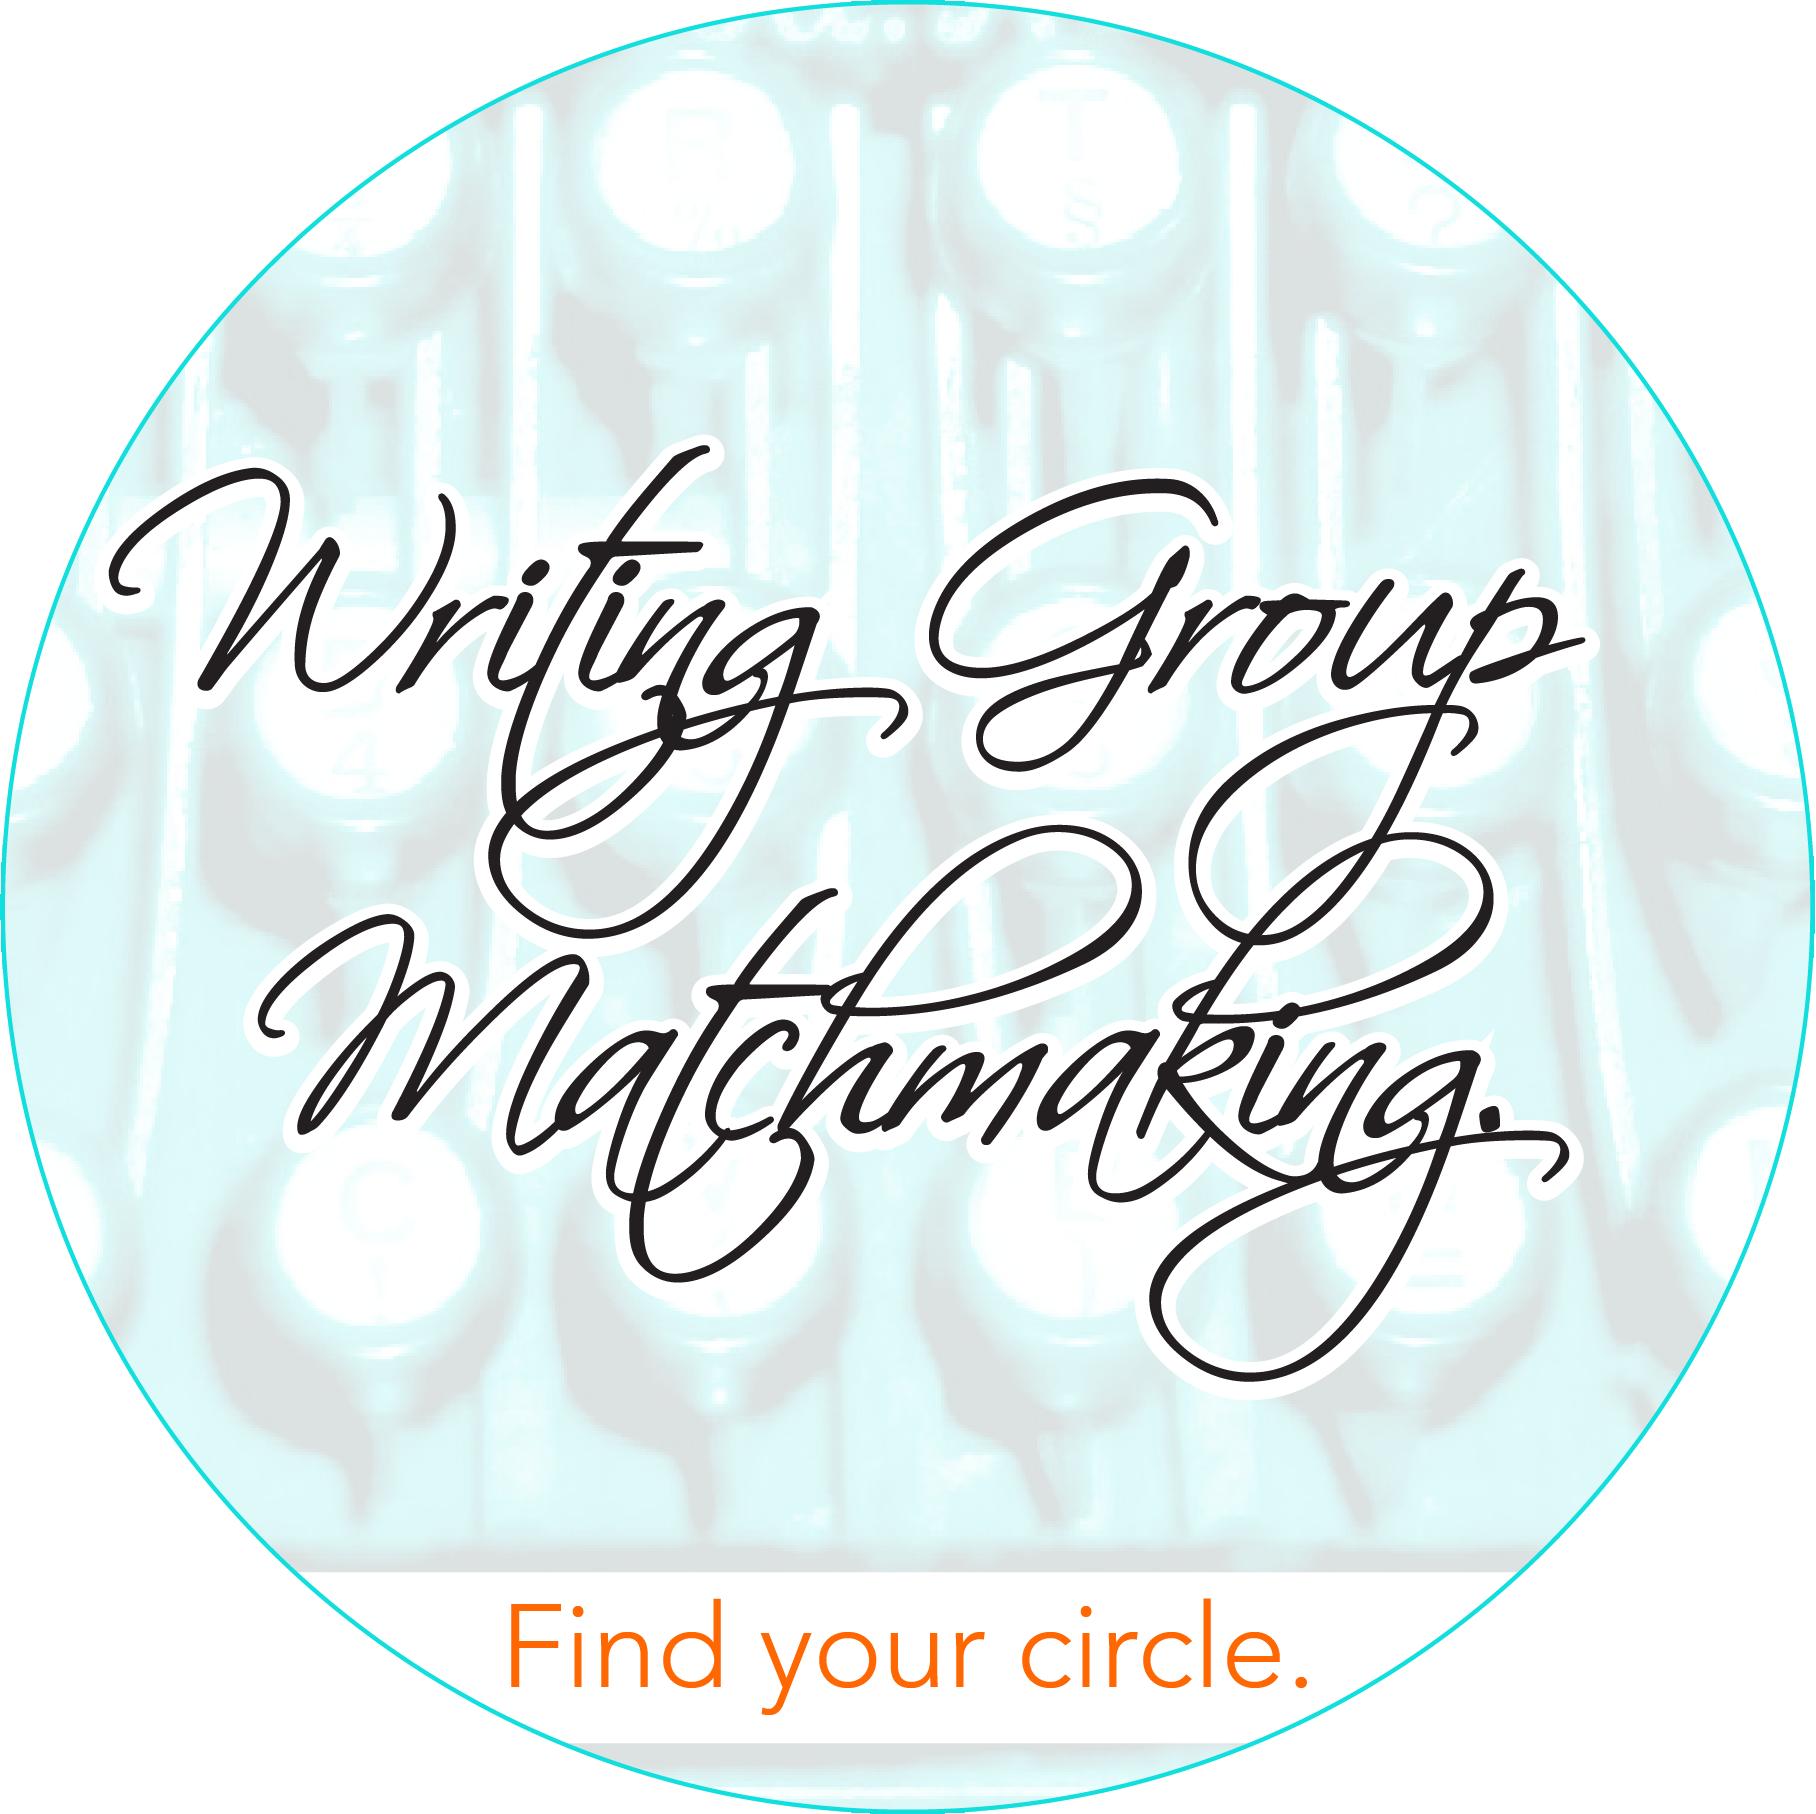 Writing Group Matchmaking Square Orange.PNG